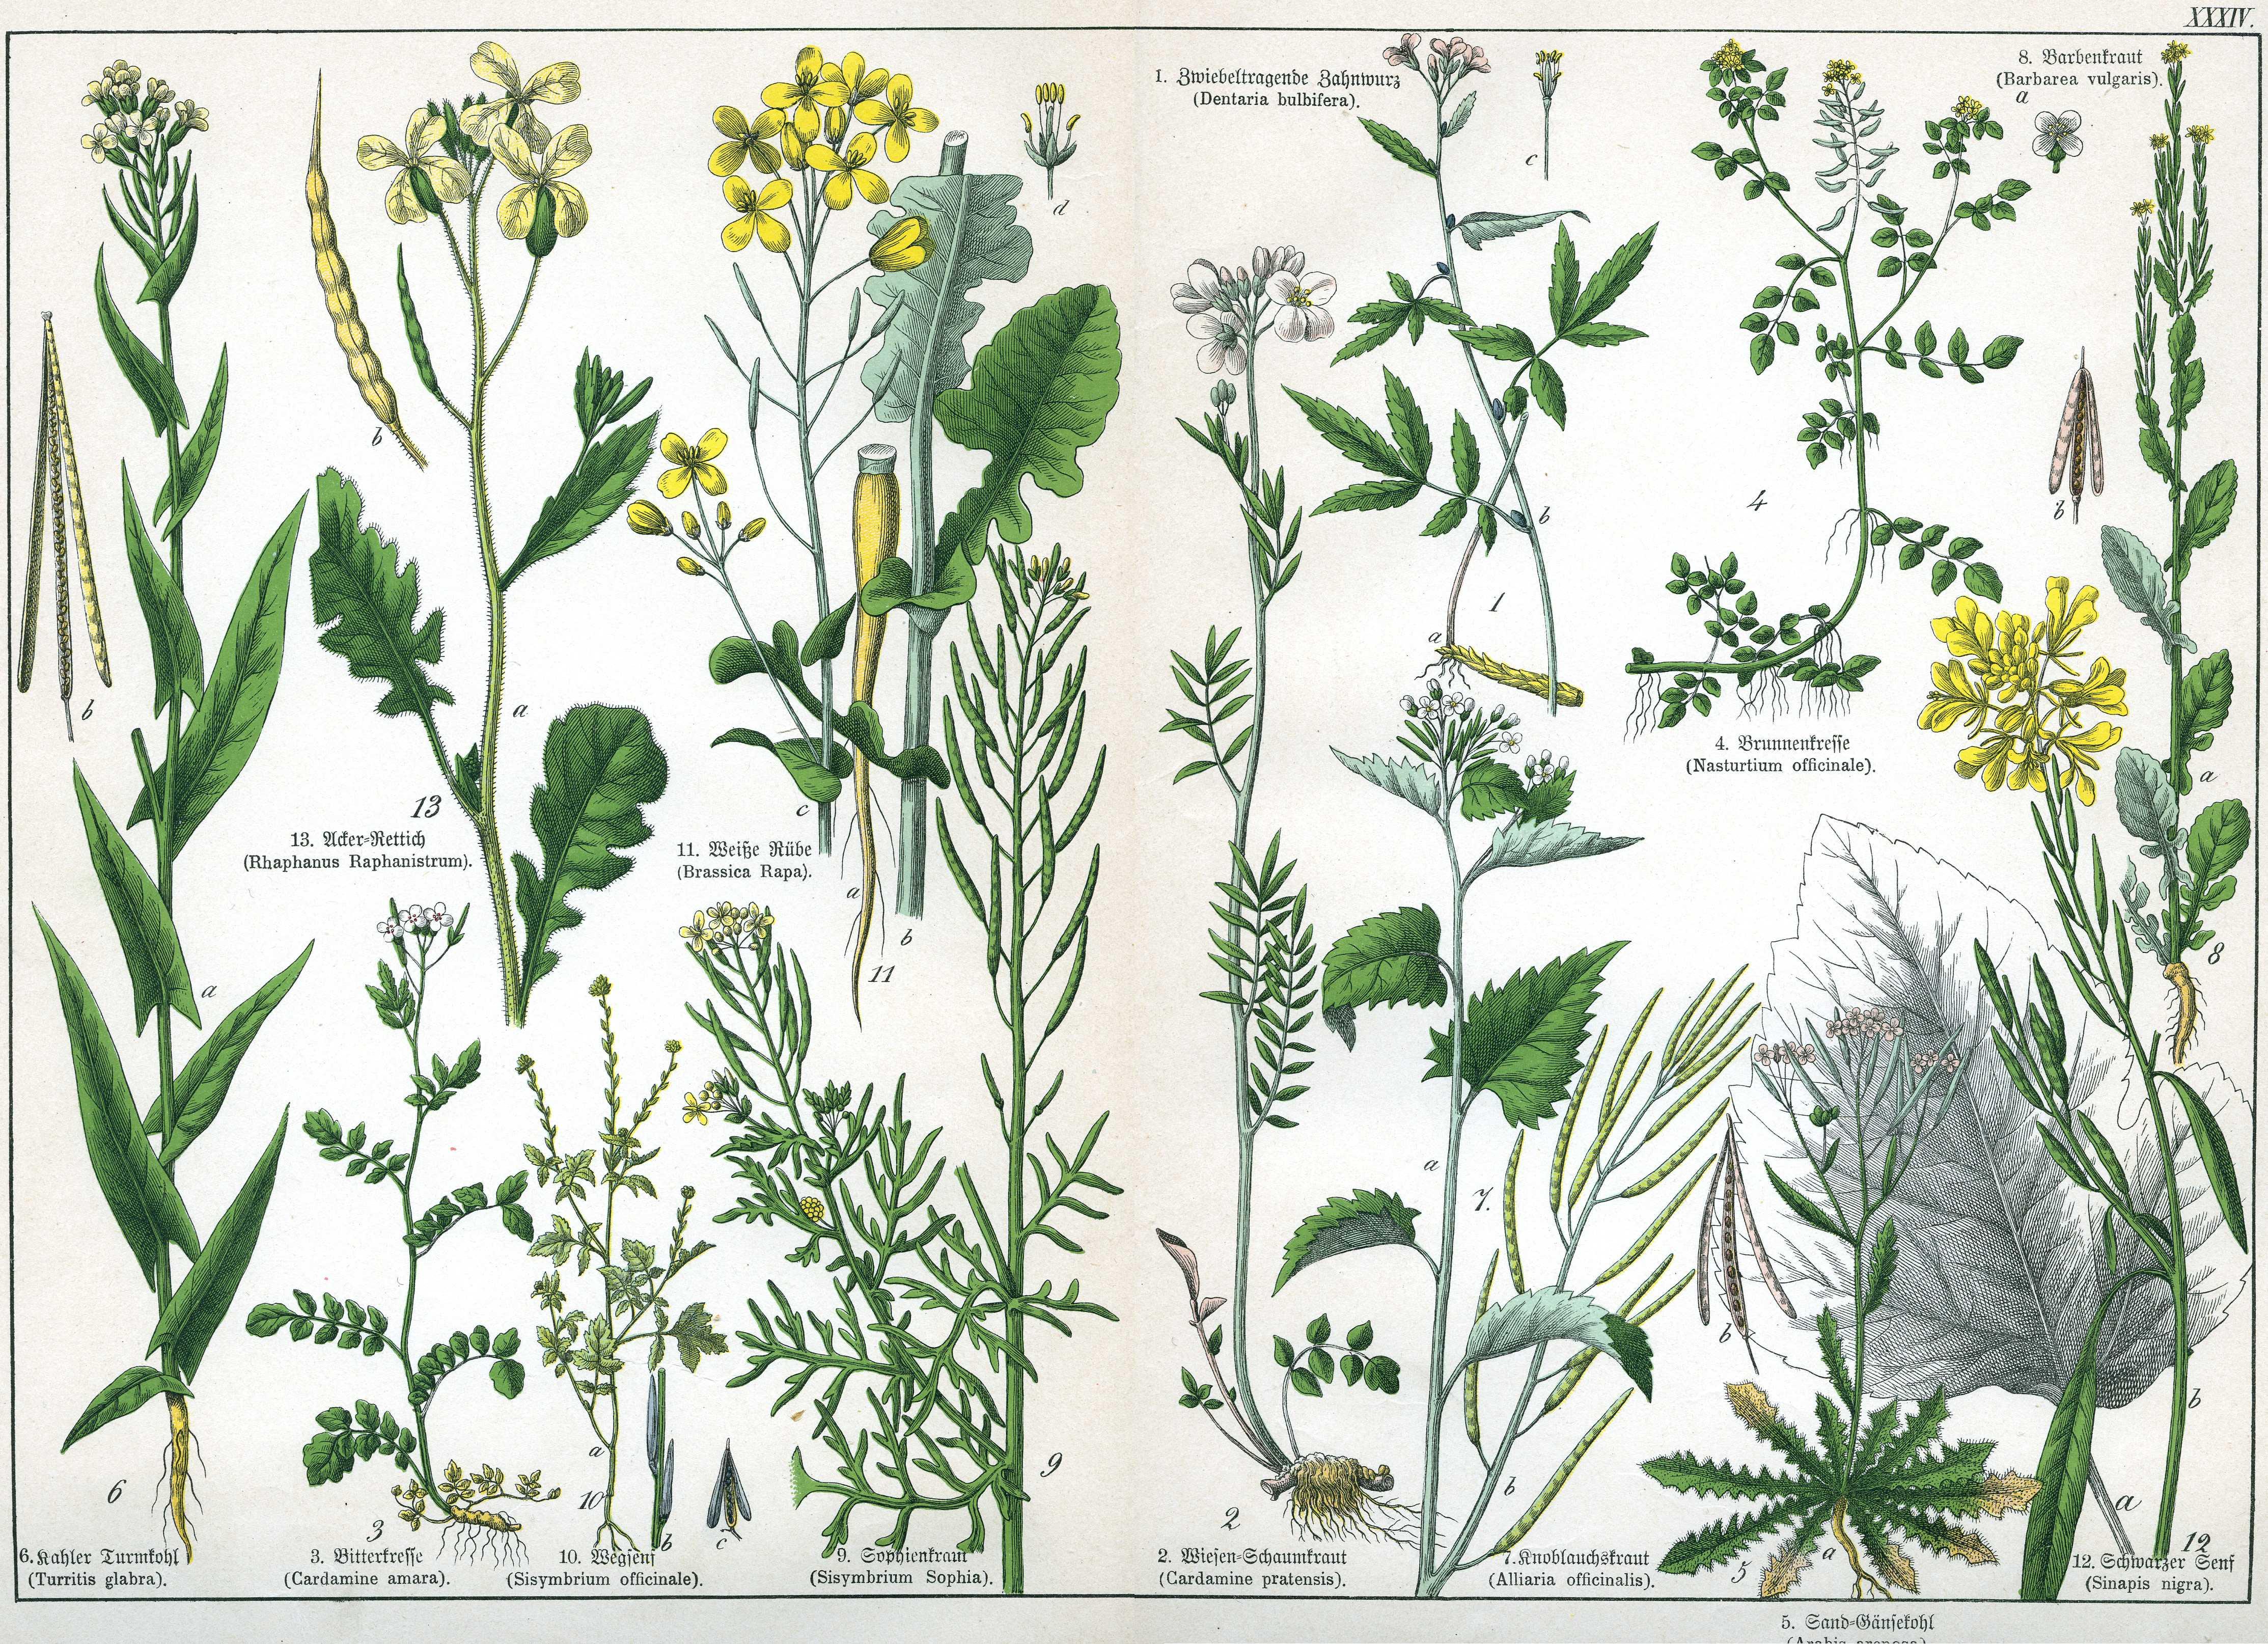 Название луговых растений с картинками